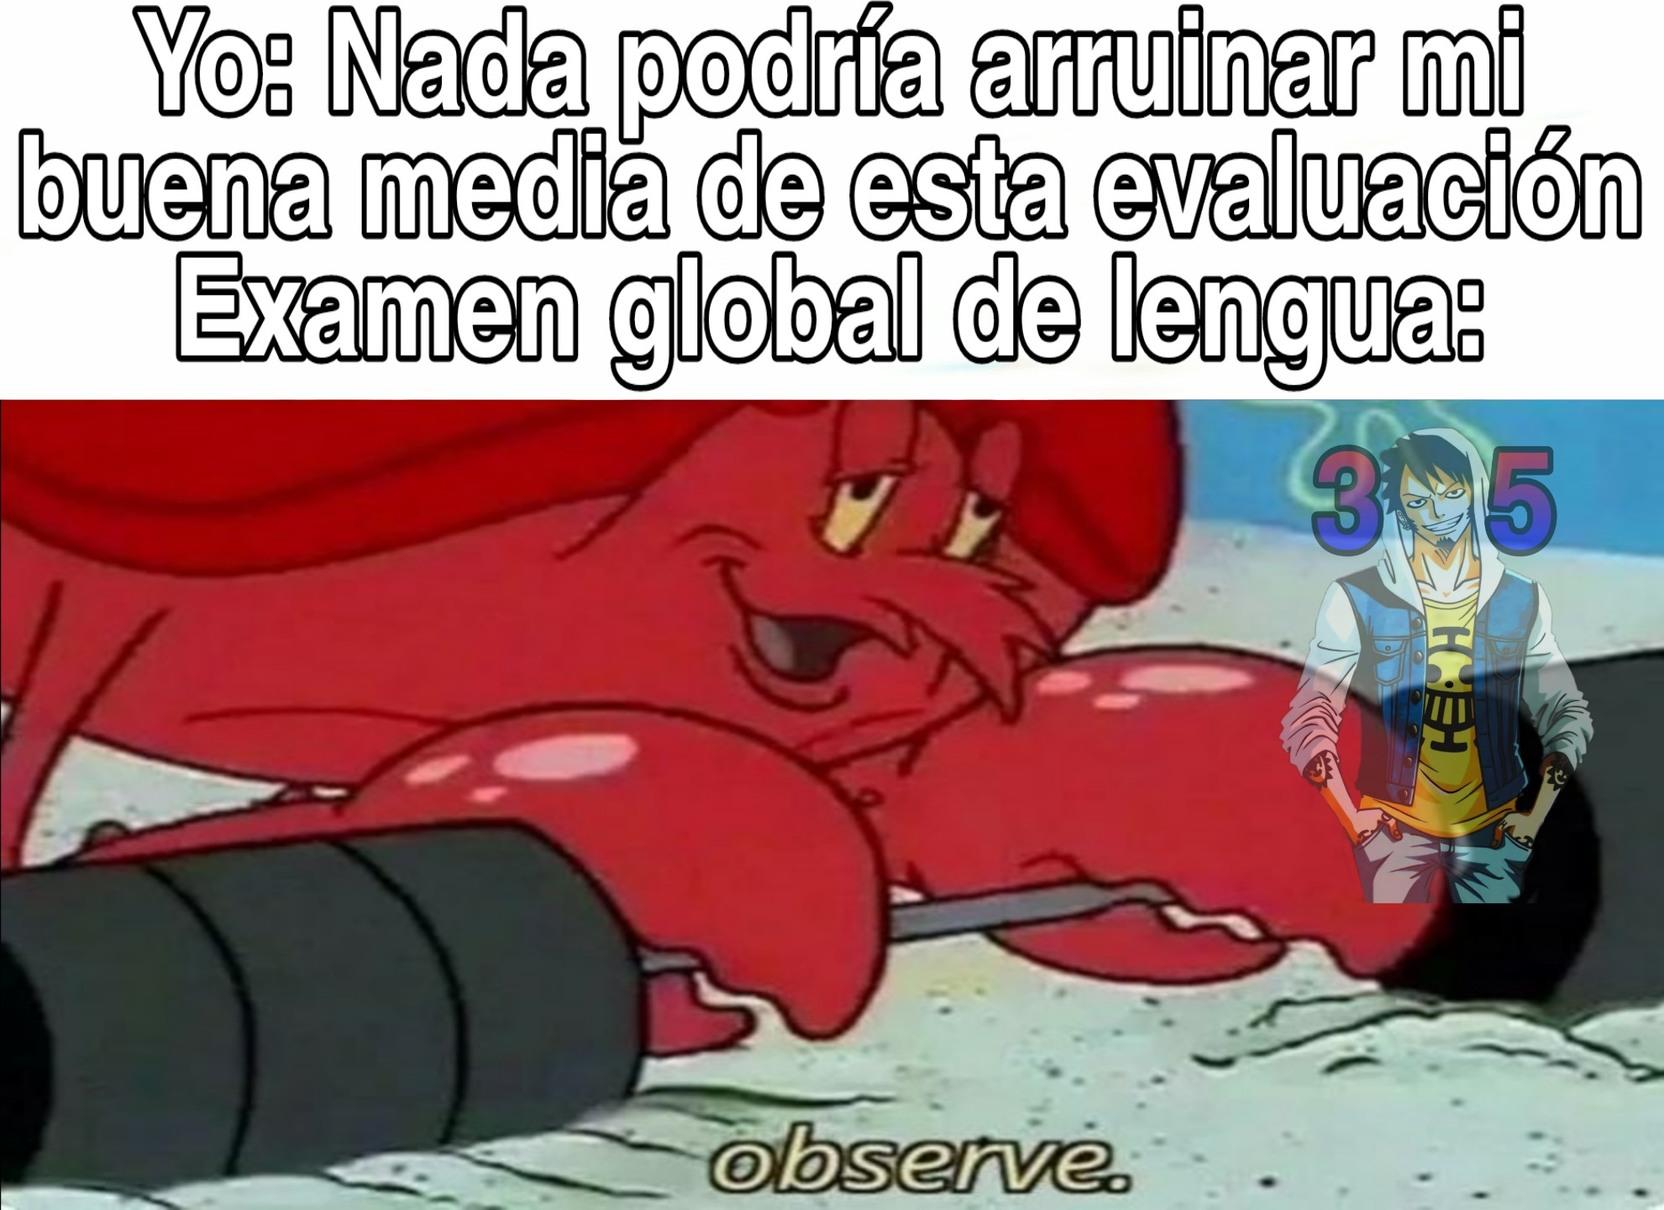 Los examenes globales son el demonio - meme